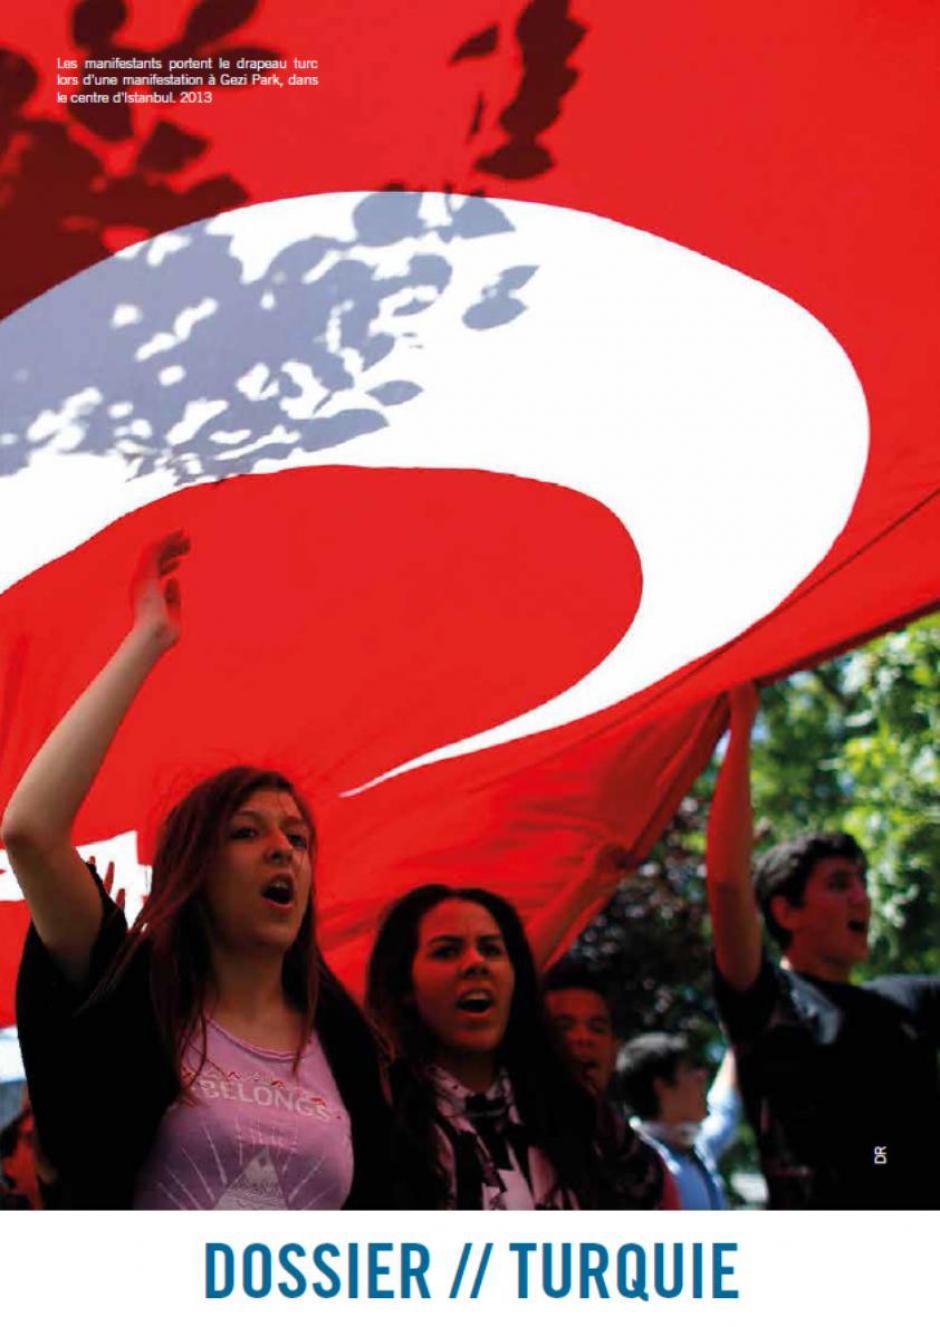 L'autonomie démocratique voulue par les Kurdes